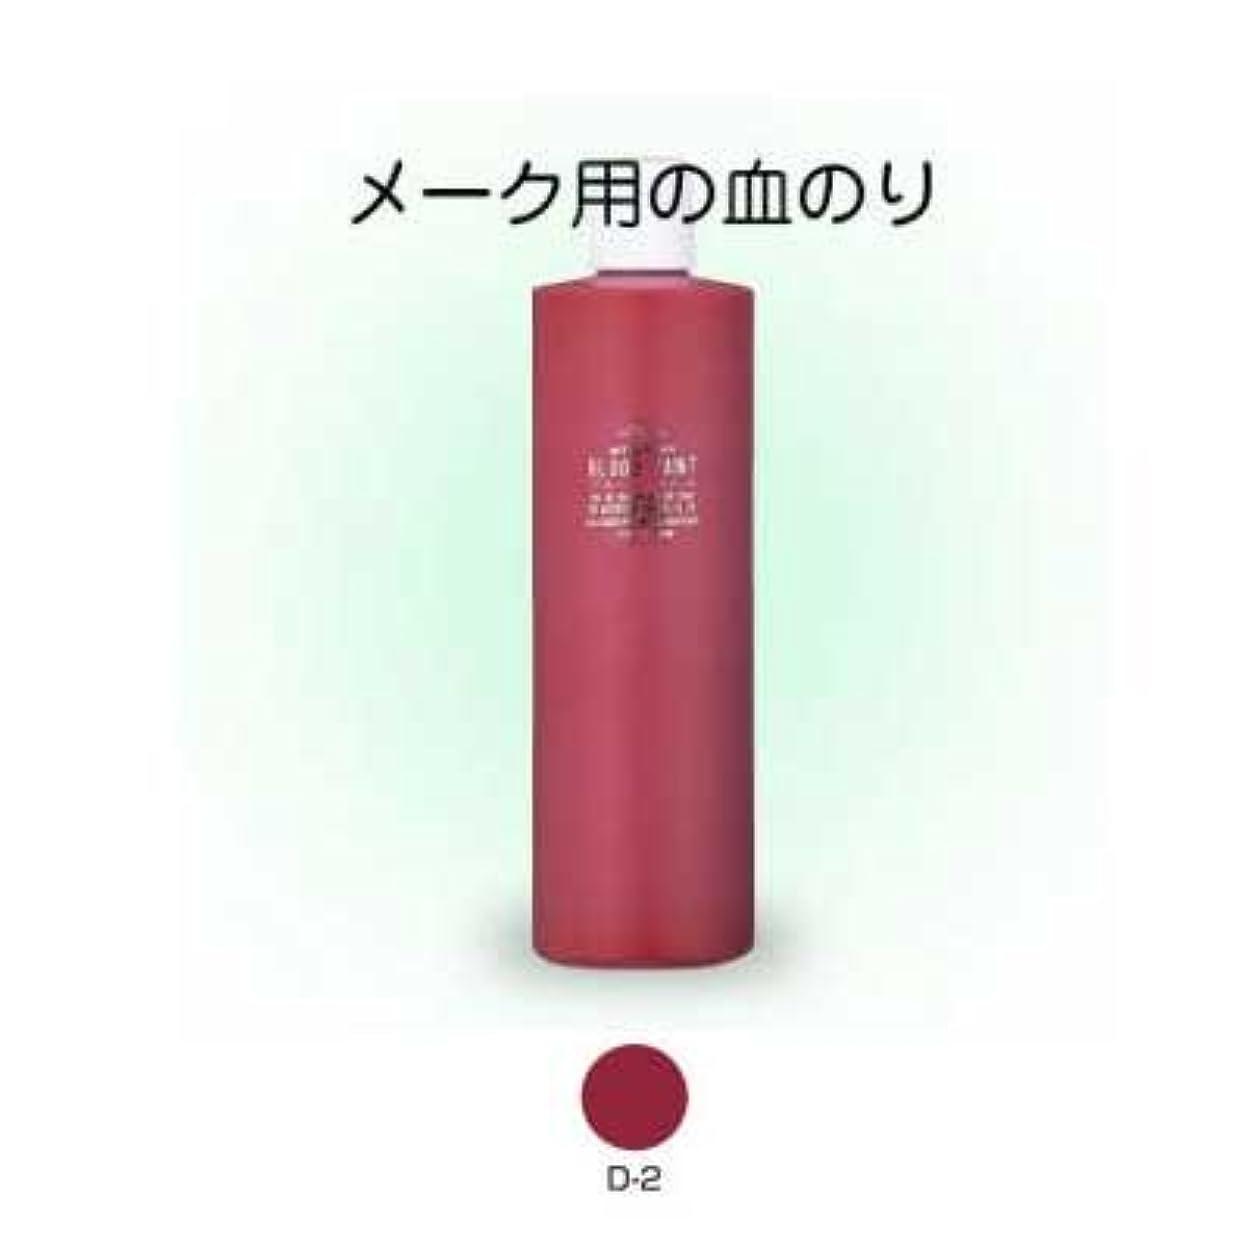 突破口初期の不忠ブロードペイント(メークアップ用の血のり)500ml D-2【三善】